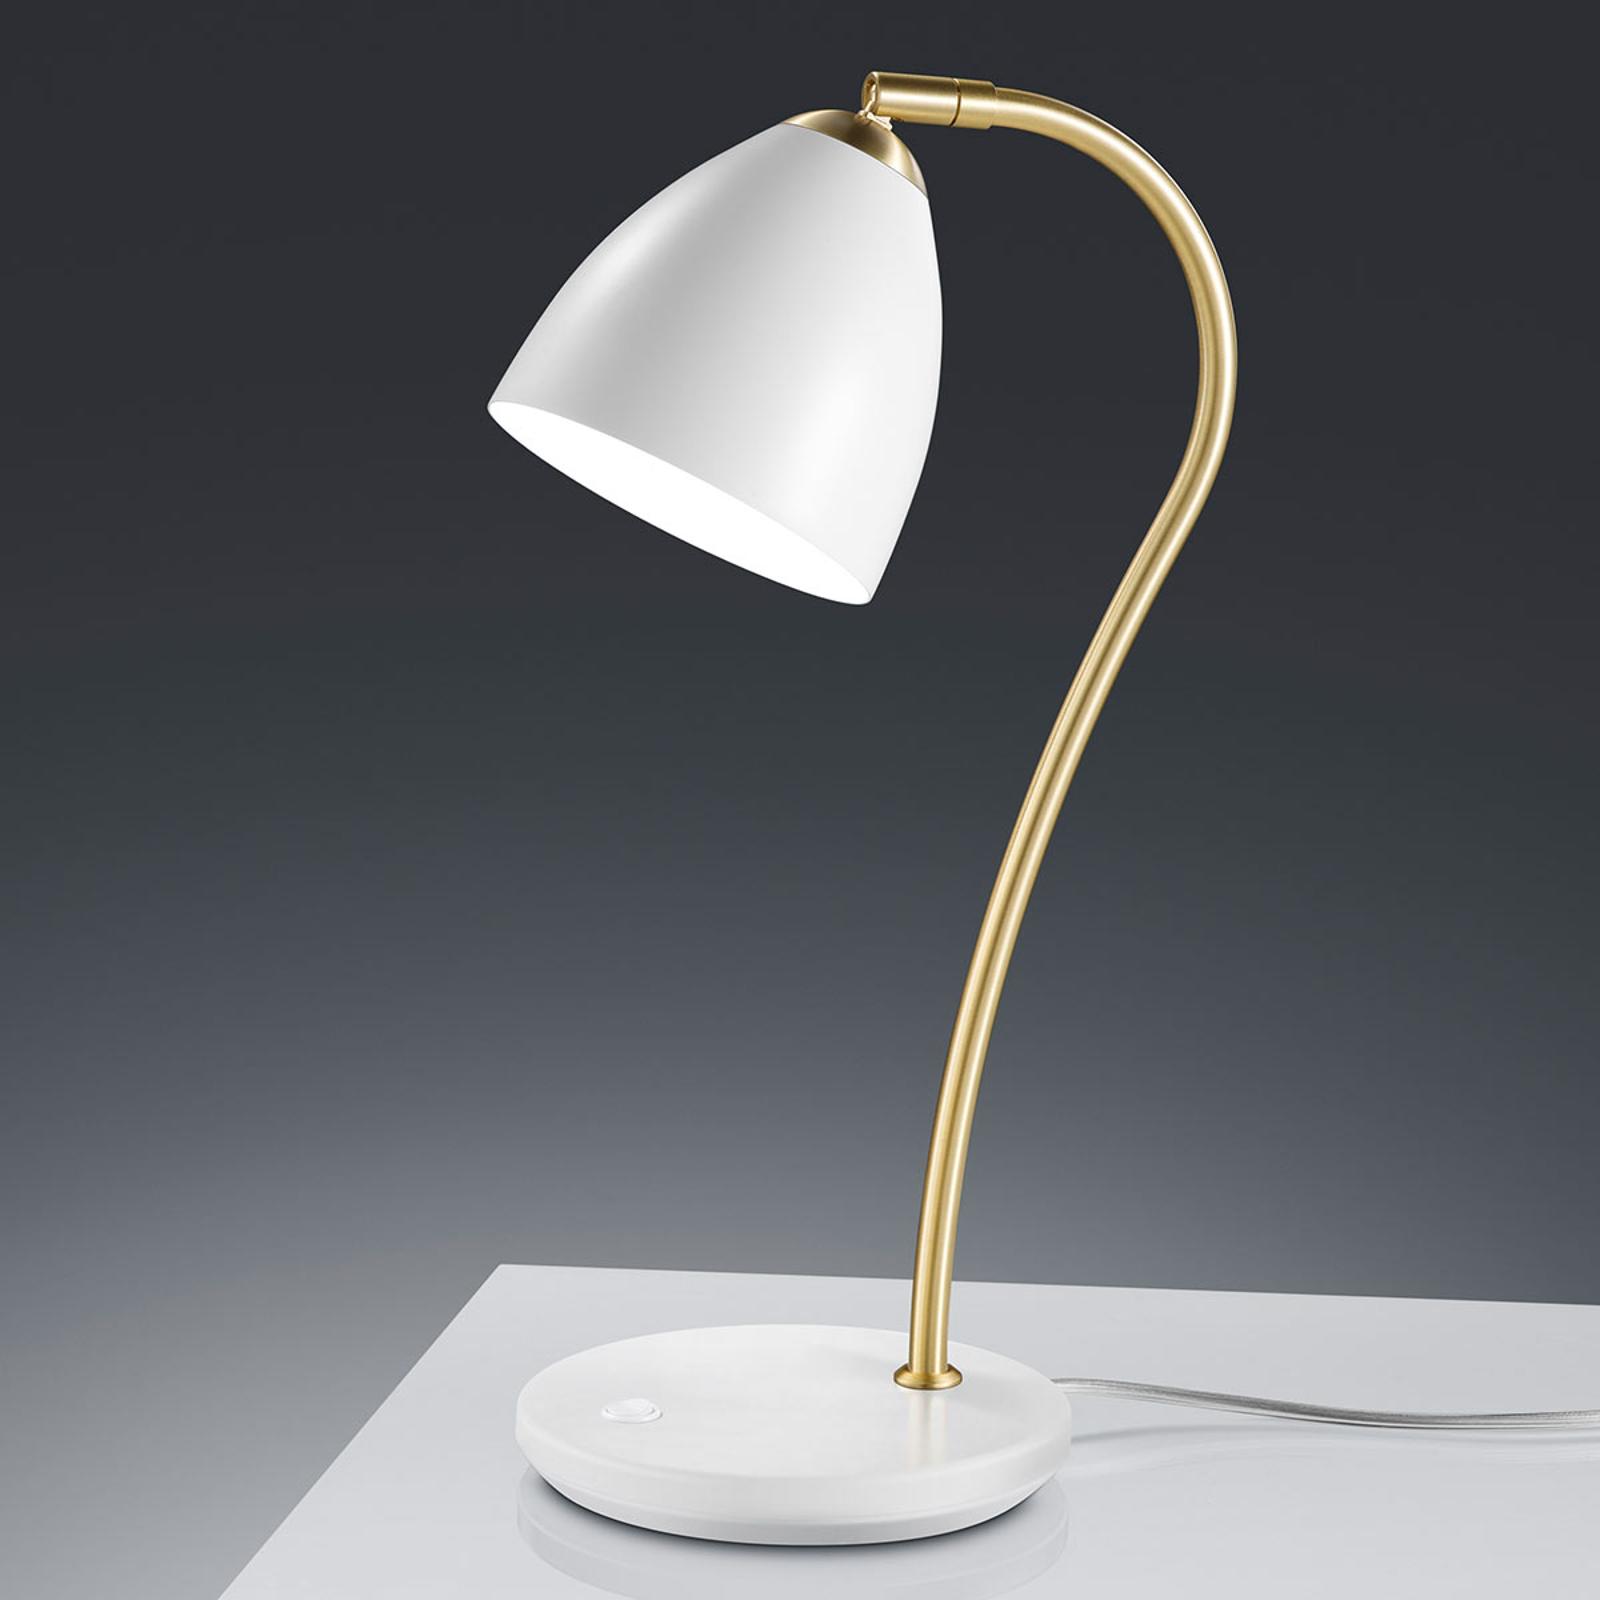 Baulmann 14.246 Tischlampe, messing-weiß